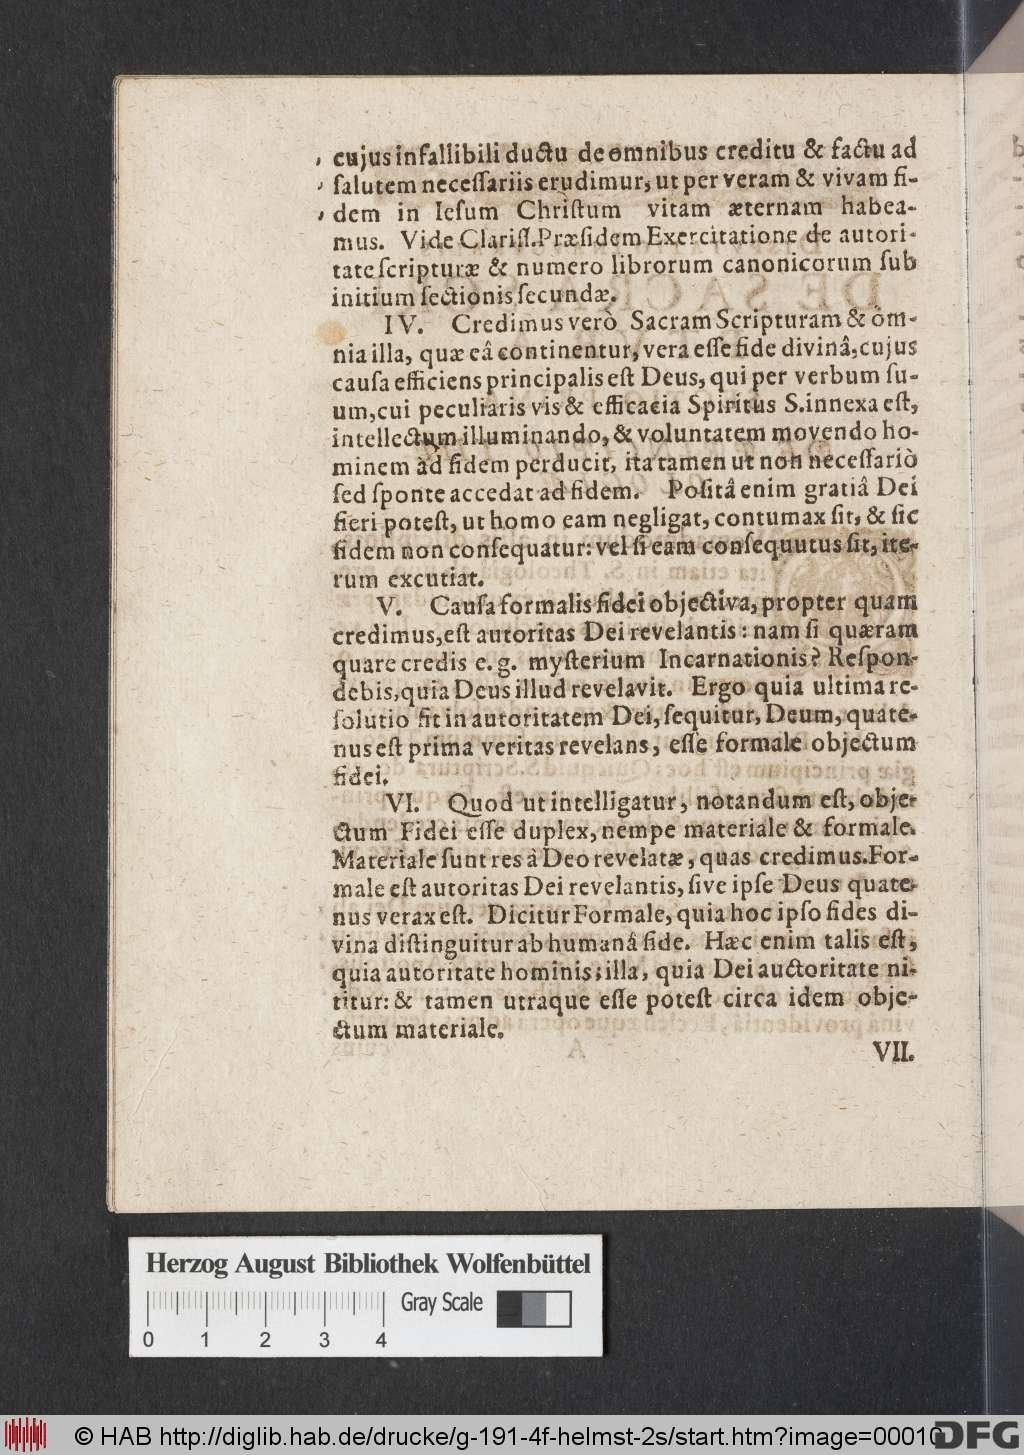 http://diglib.hab.de/drucke/g-191-4f-helmst-2s/00010.jpg